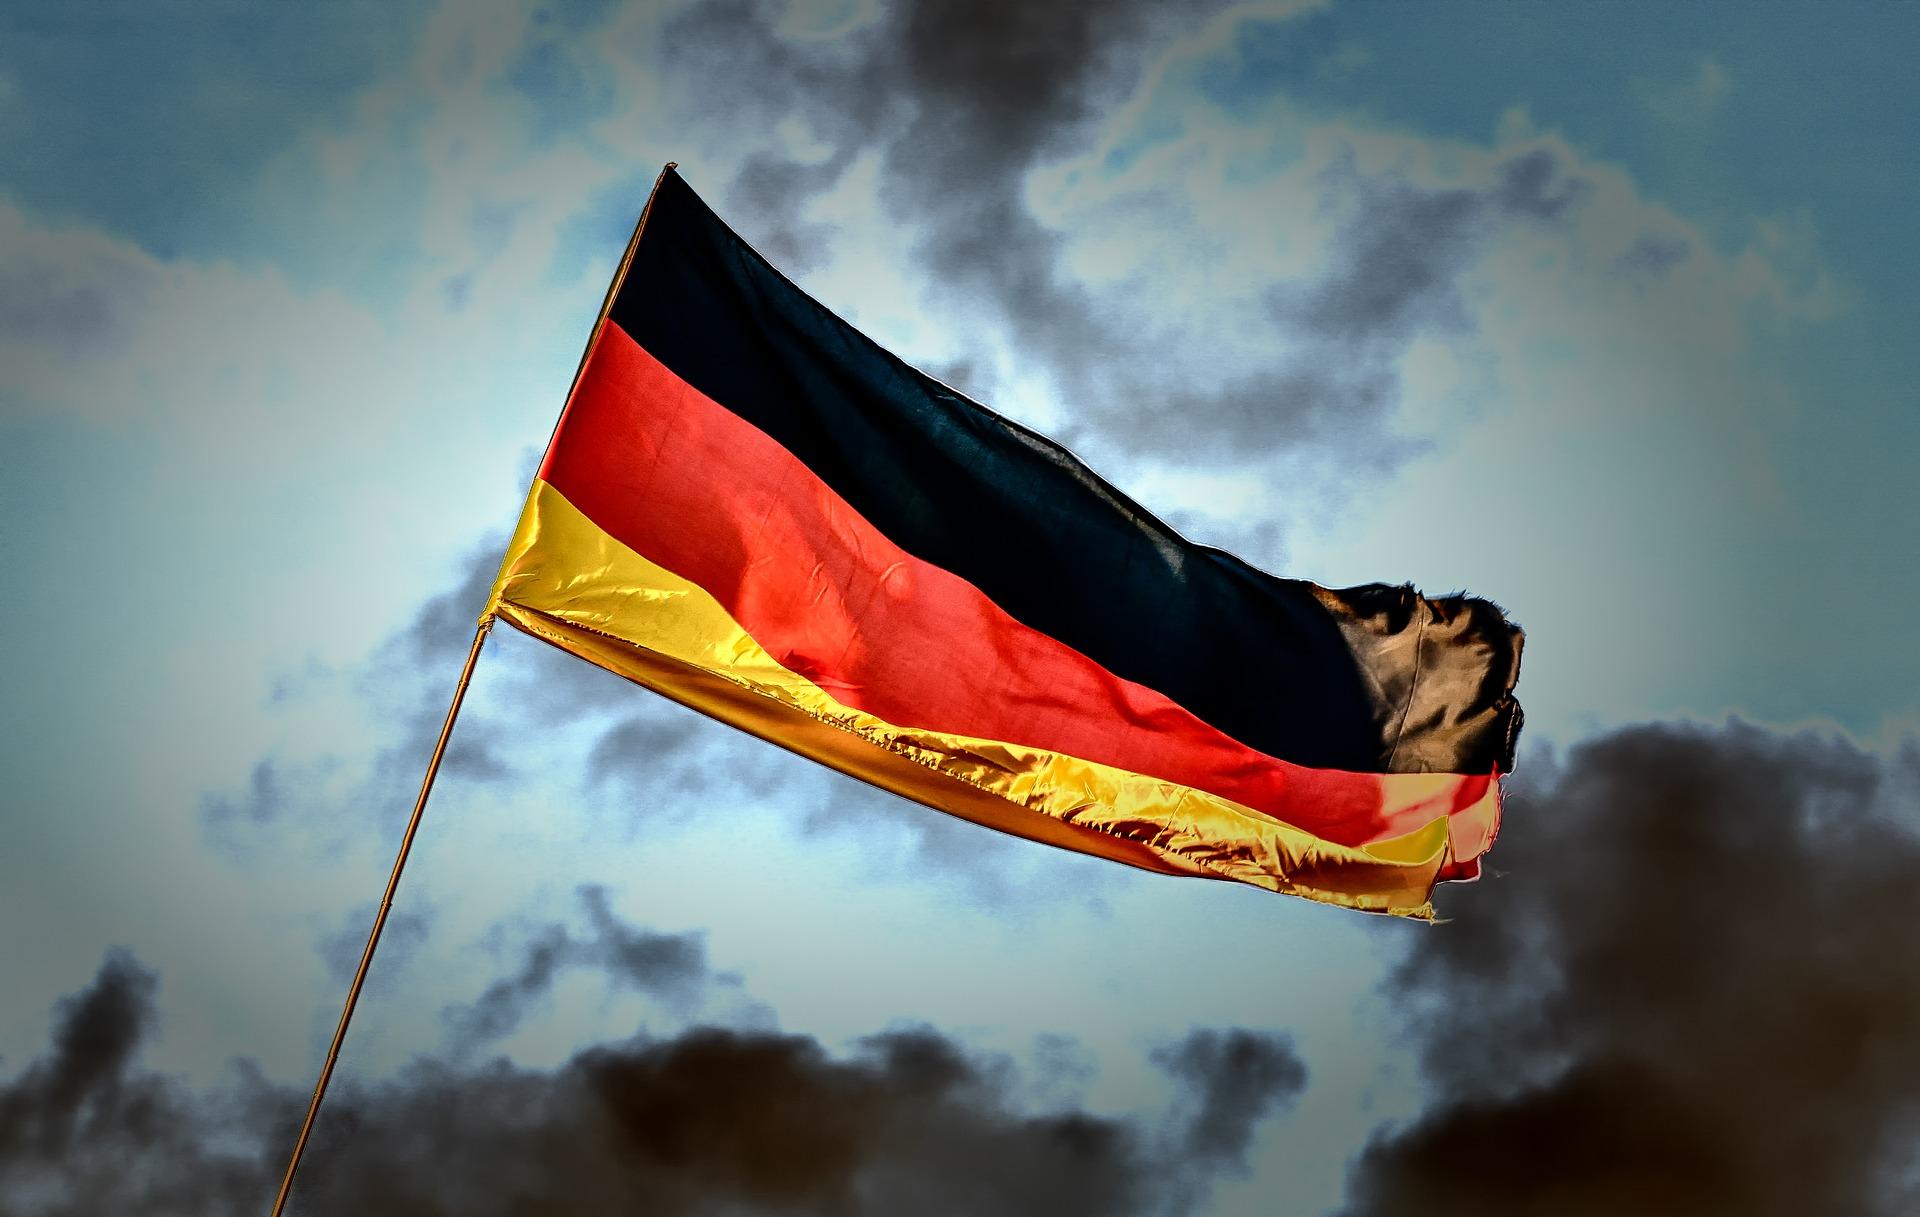 Γερμανία: Στις 15:10 (ώρα Ελλάδος) ξεκινά η Διάσκεψη του Βερολίνου για την Λιβύη